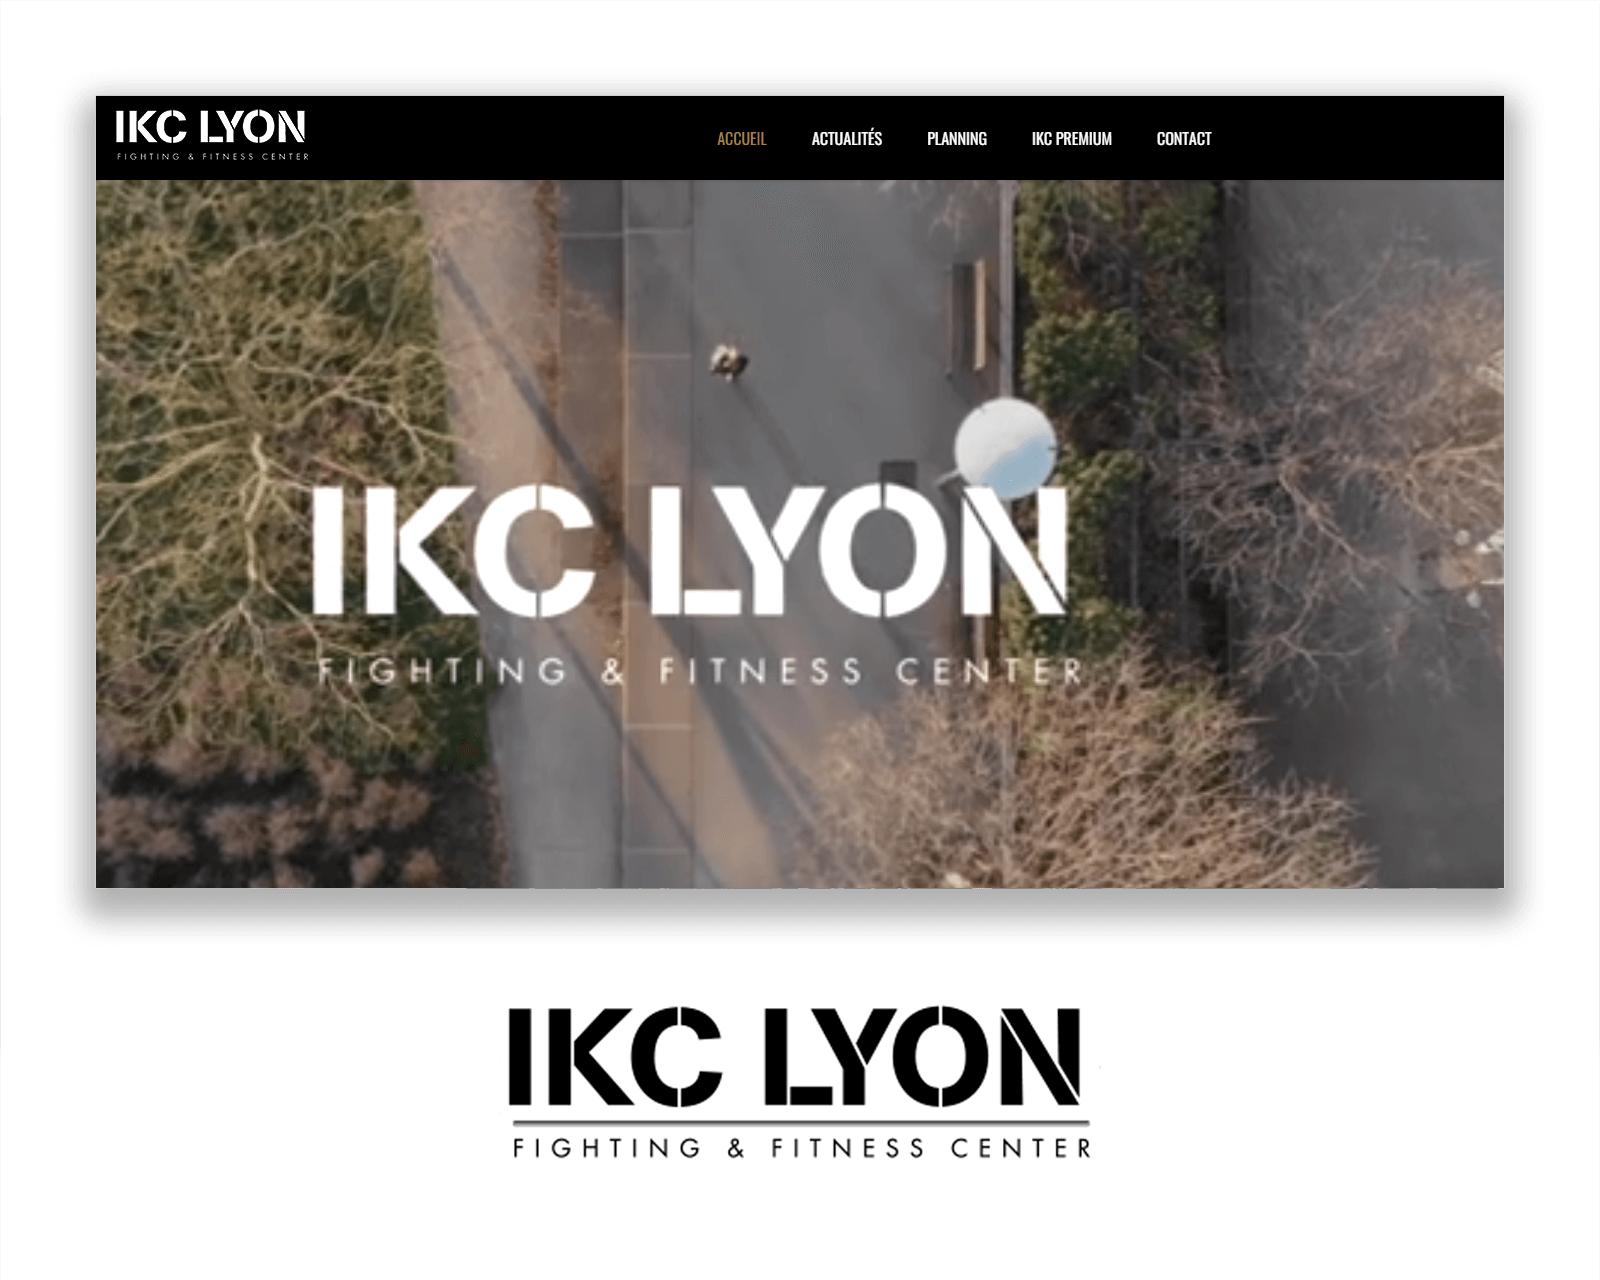 IKC Lyon